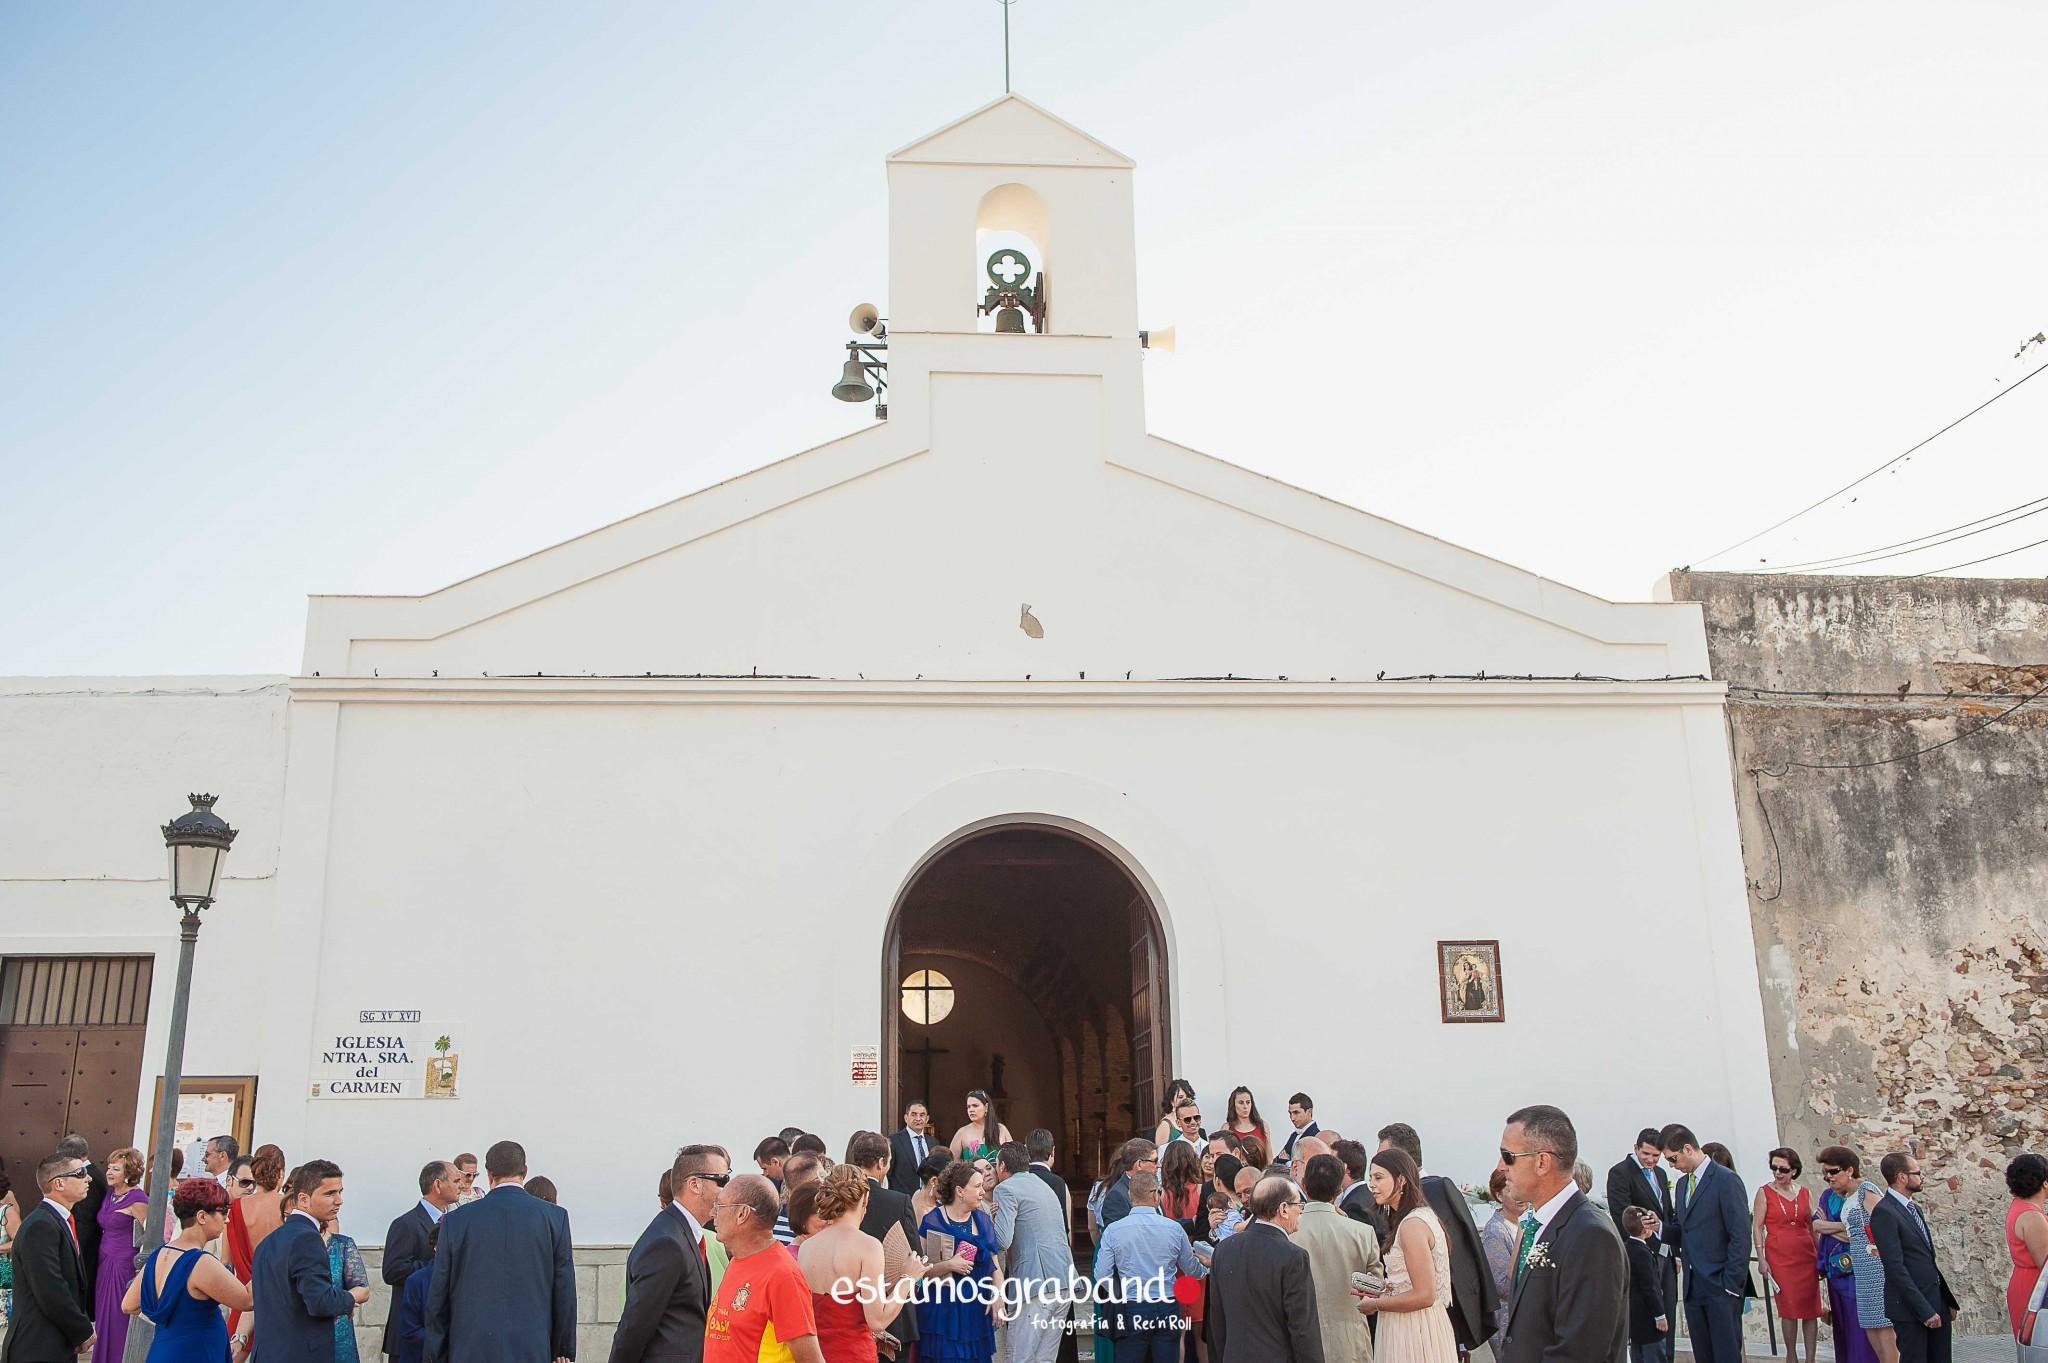 boda-en-chiclana_sonia-y-diego_fotograficc81a-de-boda-53 Zahara Sonia + Diego [Fotografía de Boda en Zahara] - video boda cadiz